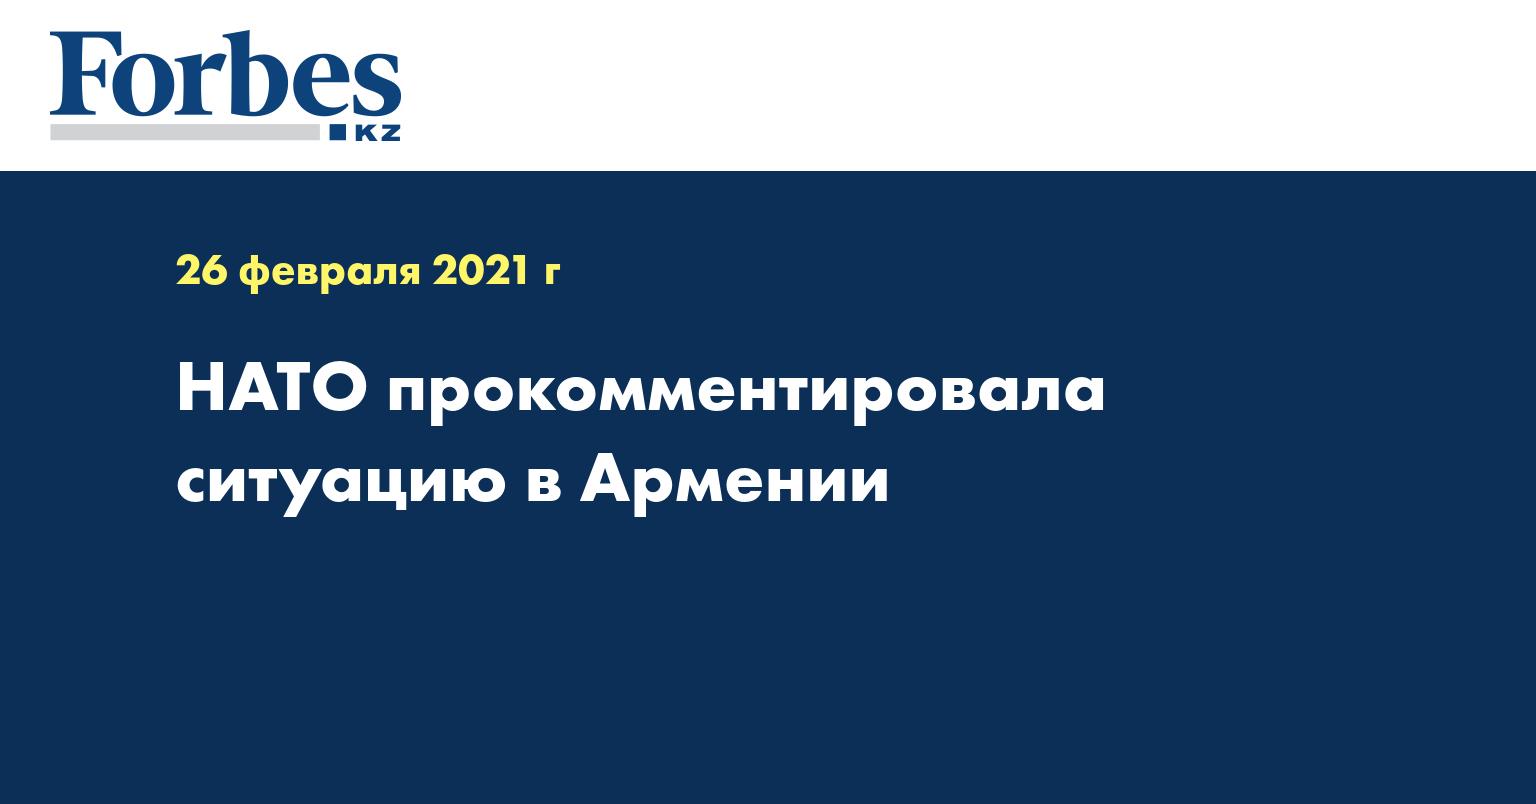 НАТО прокомментировала ситуацию в Армении